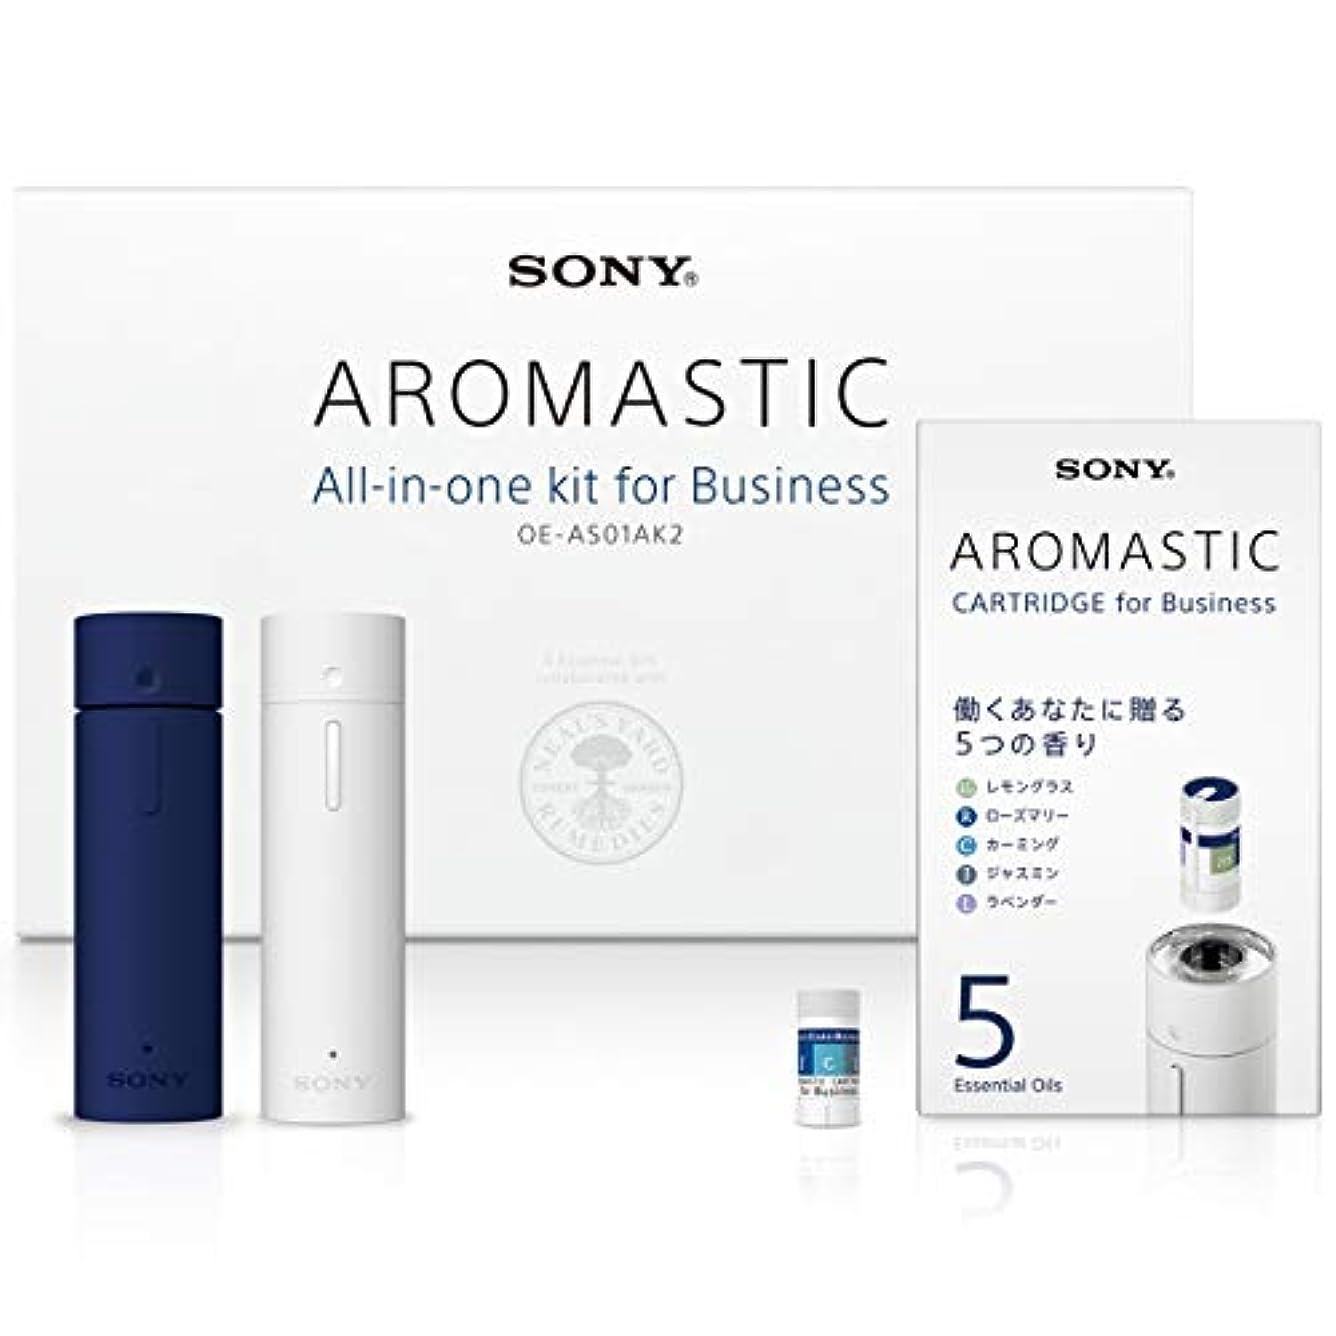 スマートベンチャー降臨AROMASTIC All-in-one kit for Business (オールインワンキット for Business) OE-AS01AK2